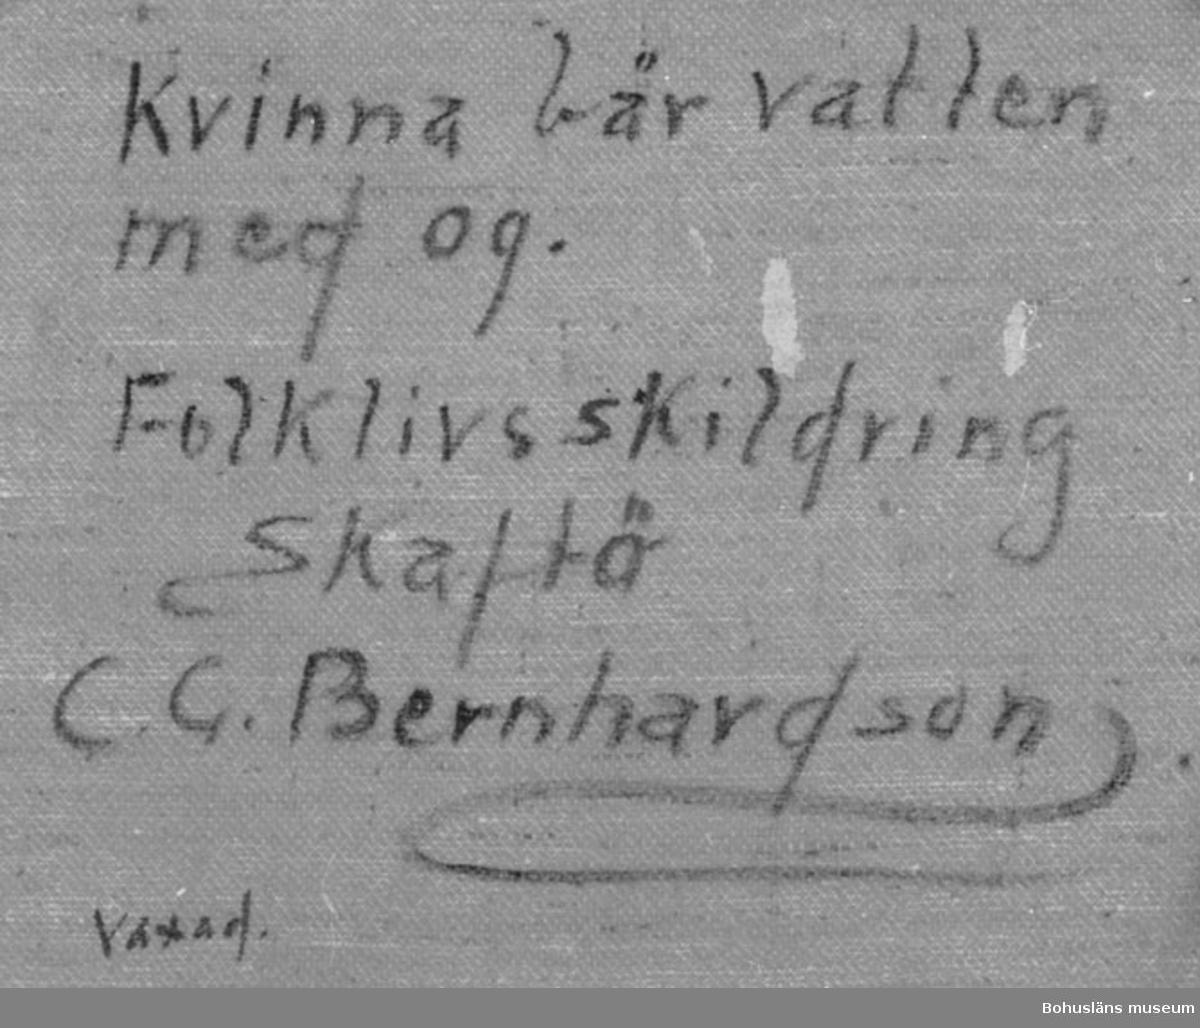 """Baksidestext:  """"Kvinna bär vatten med og. Folklivsskildring Skaftö C.G. Bernhardson. Vaxad.""""  Ordförklaring: Og = ok, e vänna ván = en vattenhämtning. Dialektala uttryck.  Litt.: Bernhardson, C.G.: Bohuslänskt folkliv, Uddevalla, 1982, s. 220. Titel i boken: Oget å e vänna ván.  Övrig historik se CGB001."""